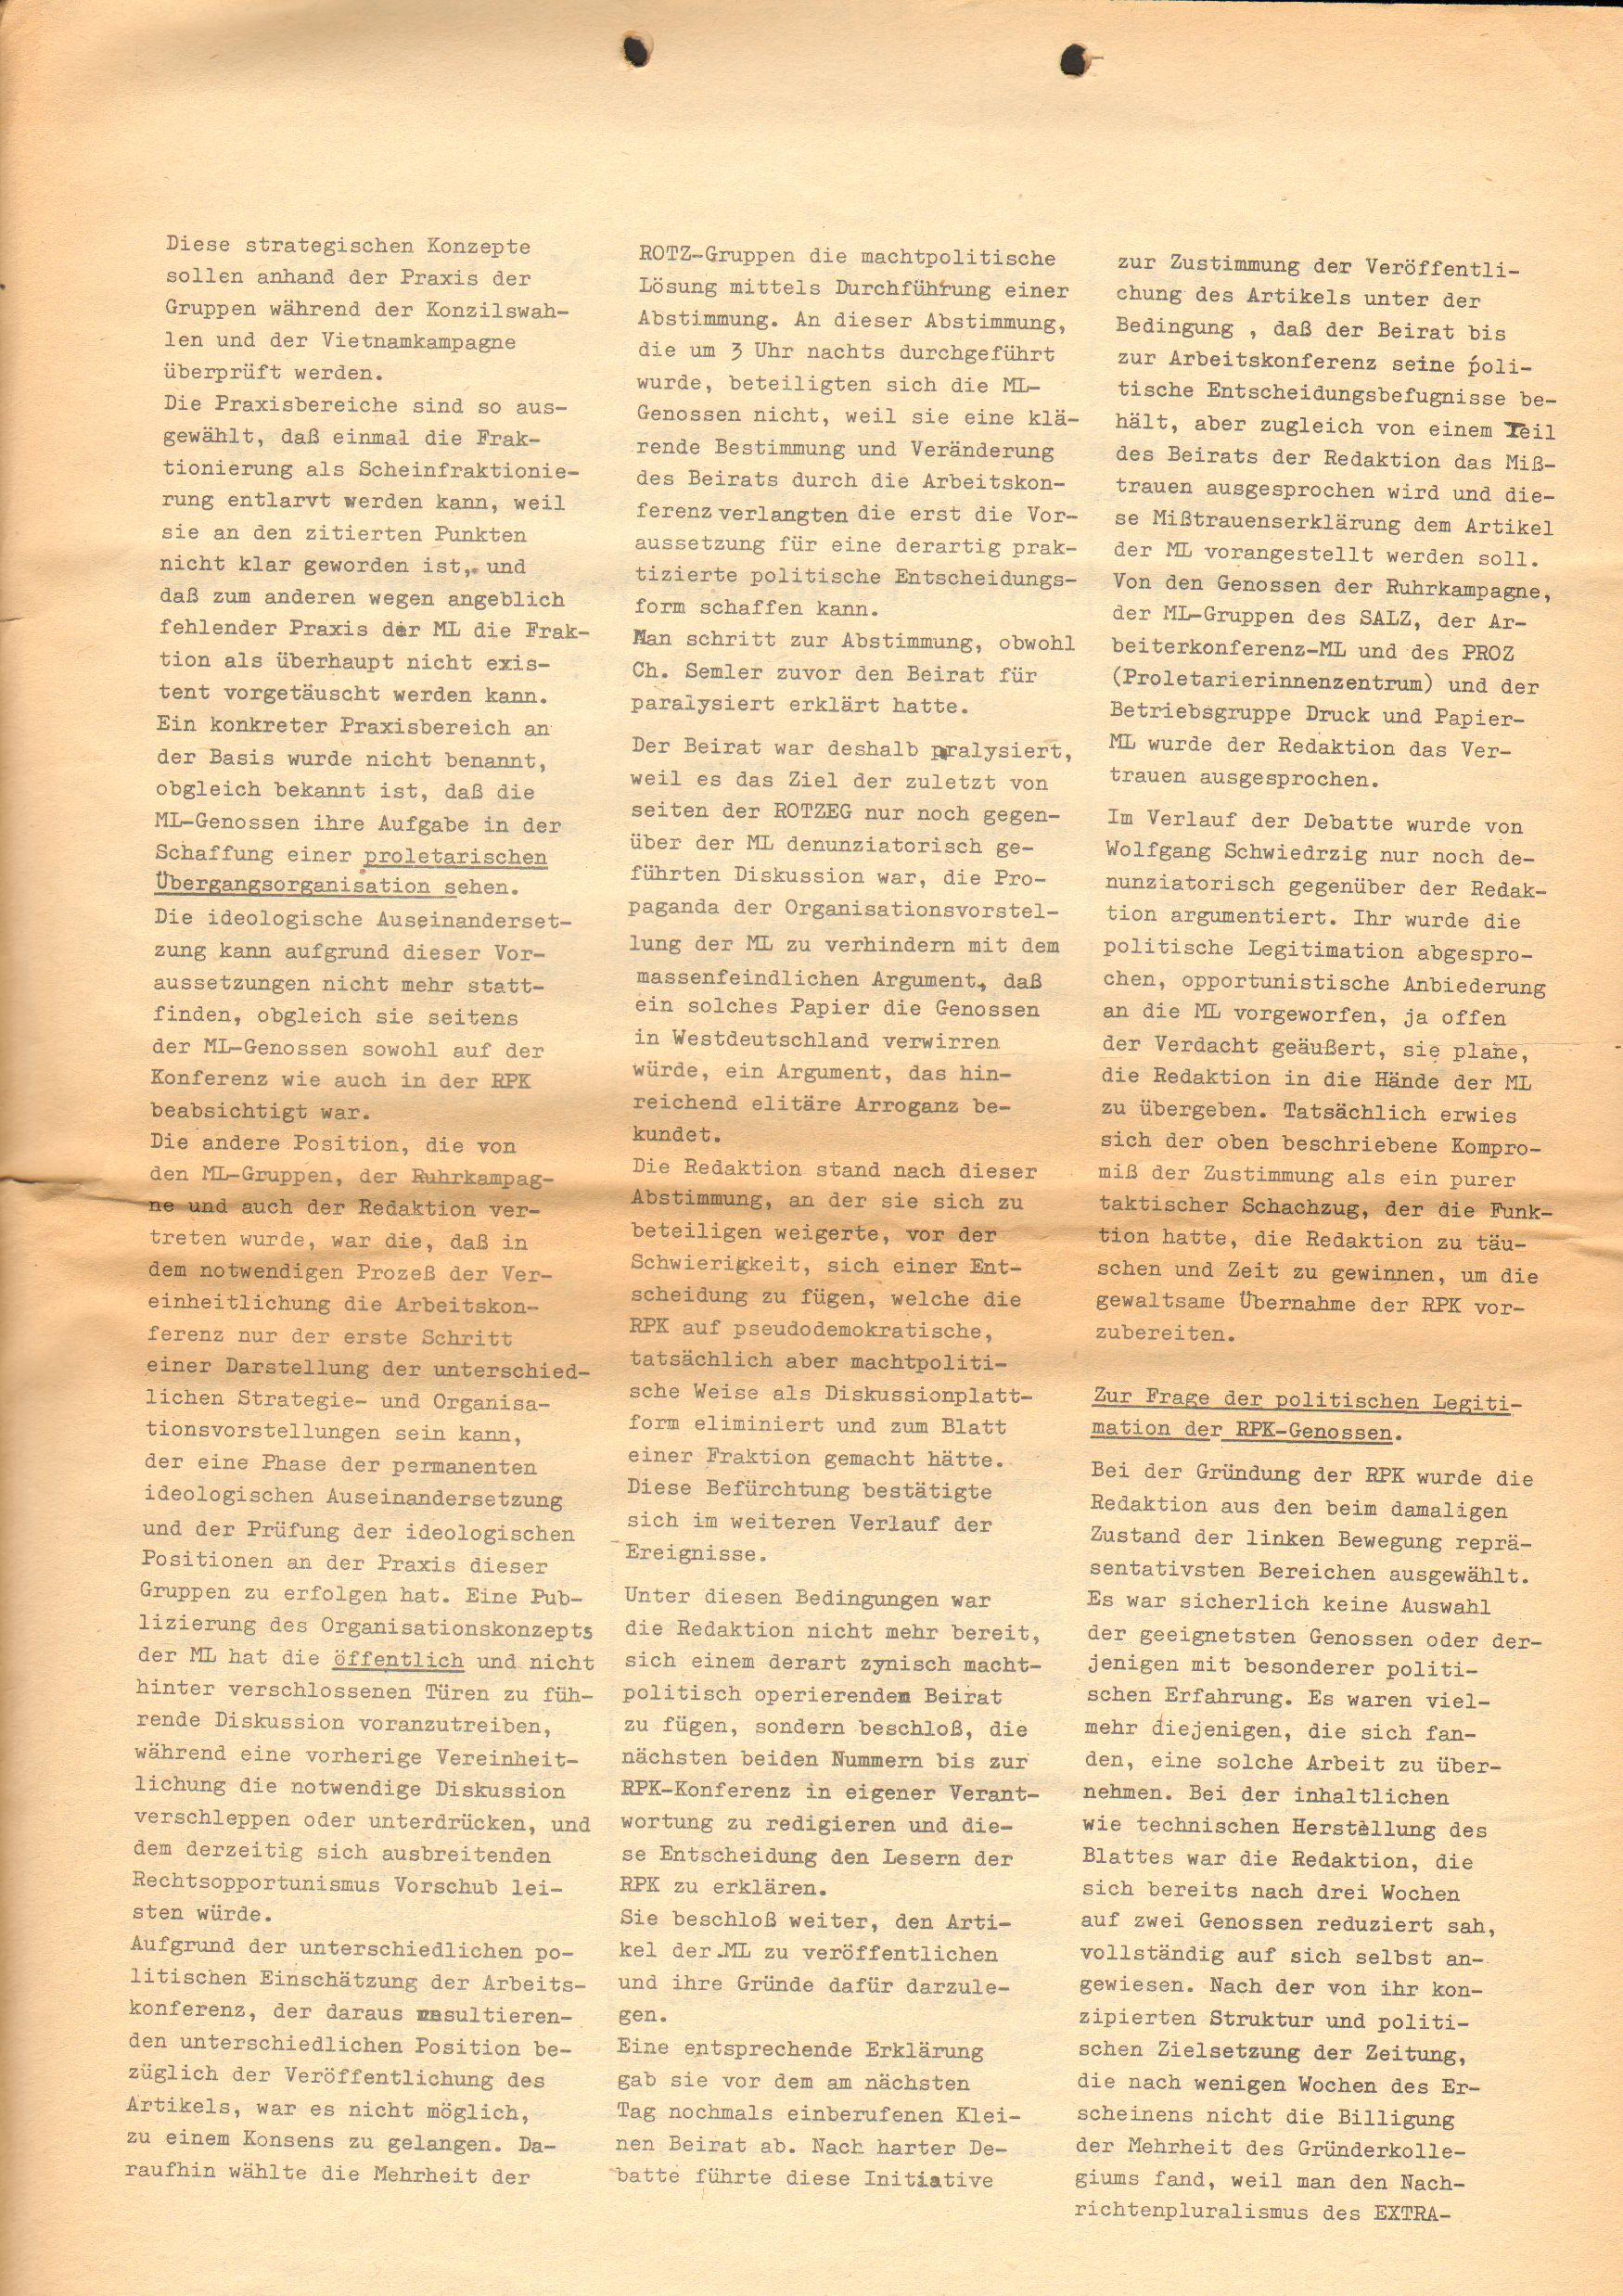 MLWestberlin_1969_Kampf_zweier_Linien_02